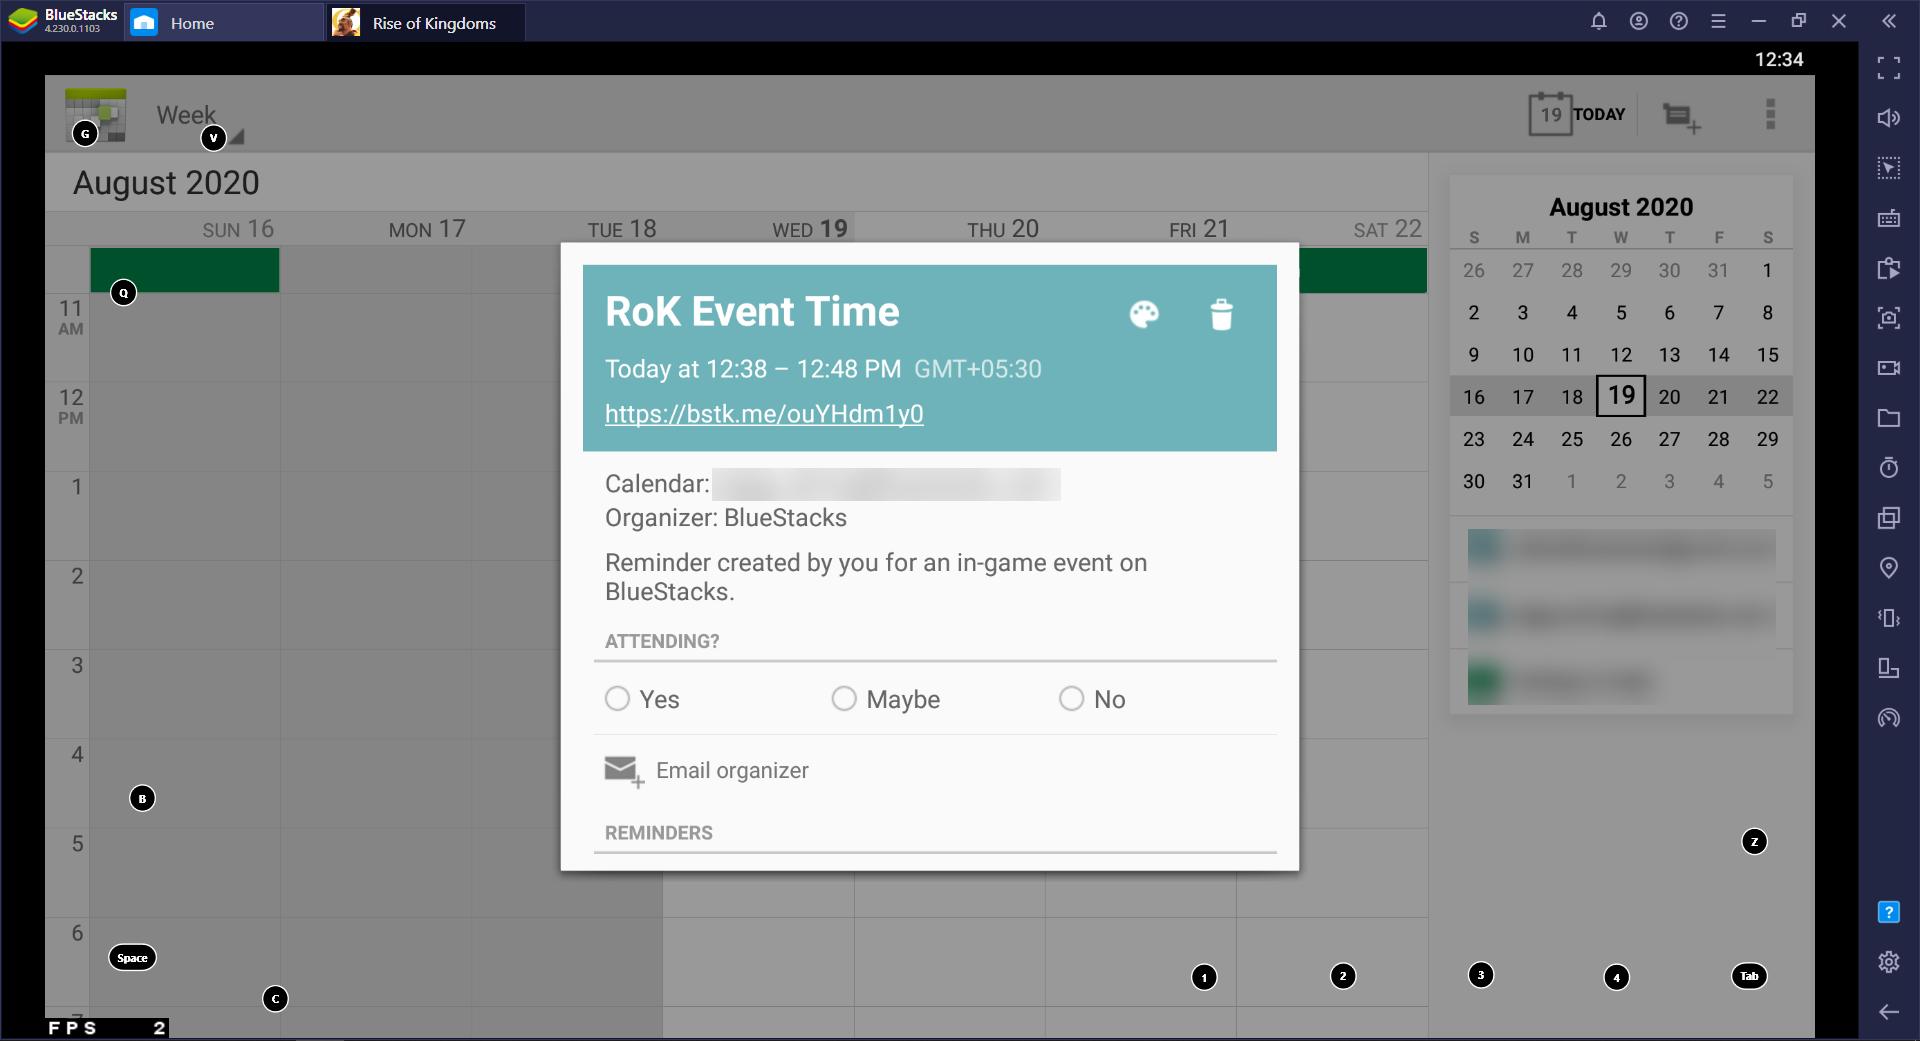 BlueStacks UTC 컨버터 소개 : 인게임 이벤트 시간을 UTC에서 현지 시간으로 변환하기